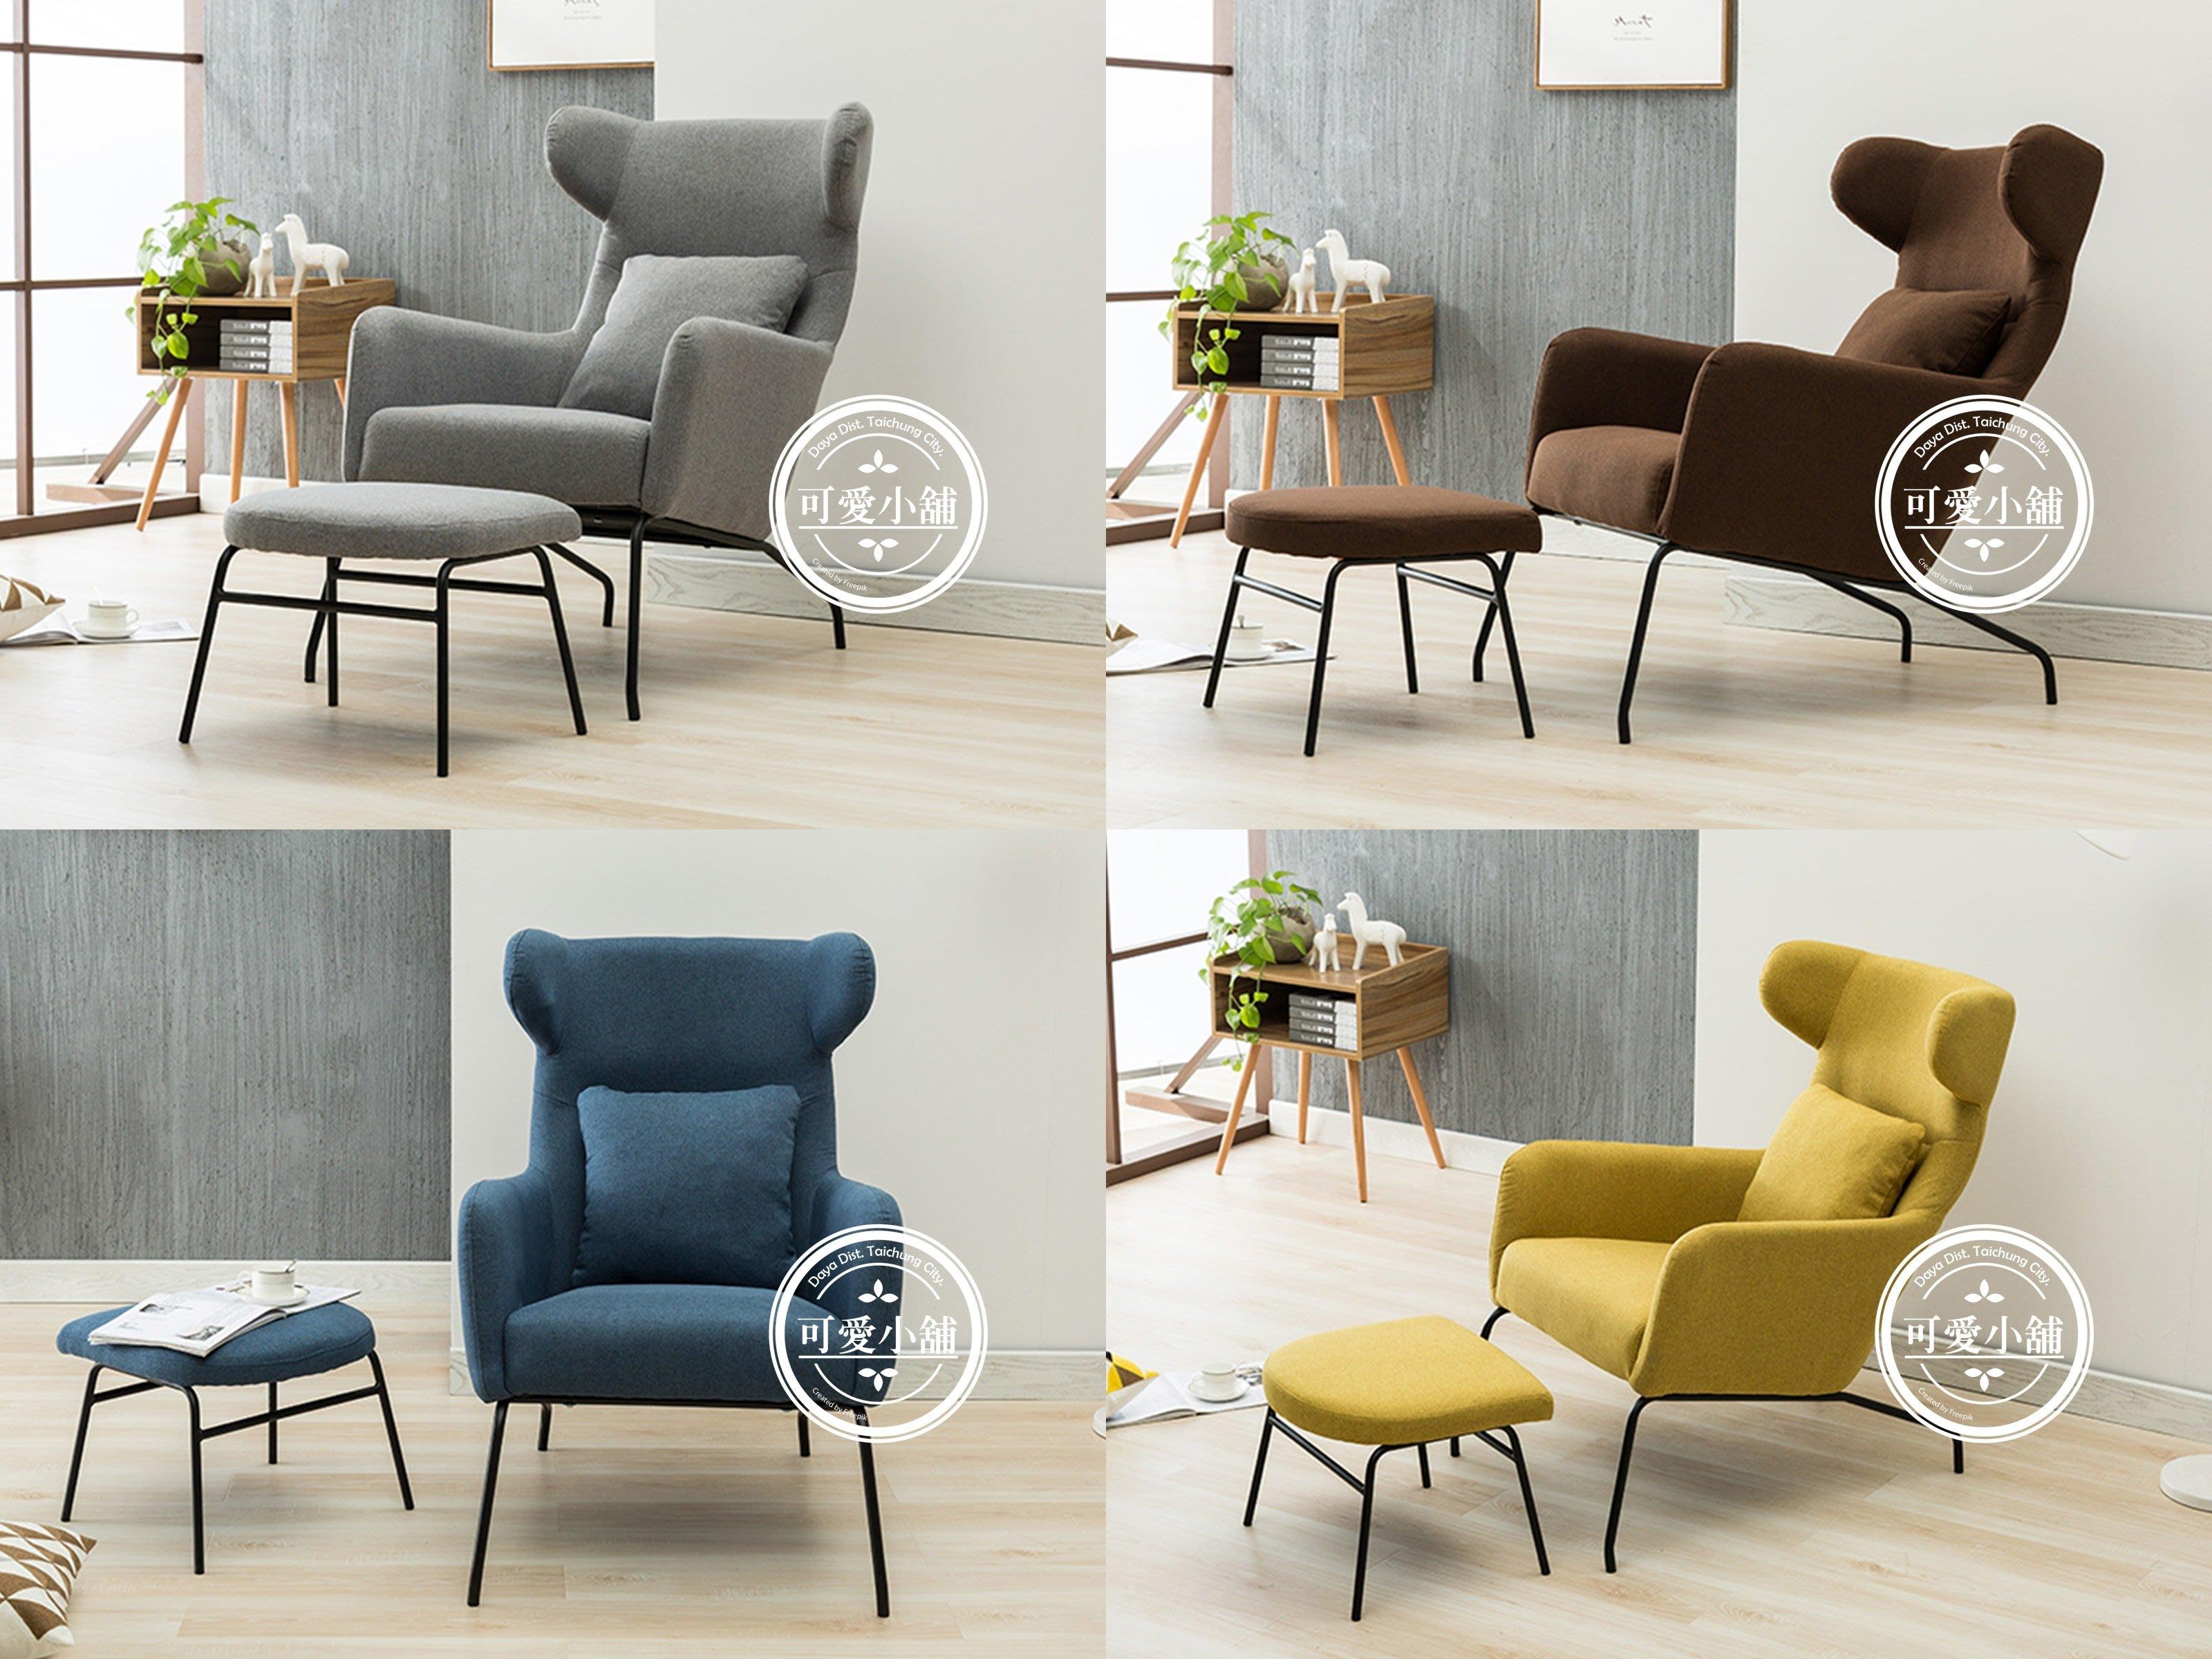 (台中 可愛小舖)北歐現代簡約素色黑腳造型長椅沙發(共四色)含腳凳椅凳腳踏椅單人沙發主人椅躺沙發閱讀椅長背椅閱讀椅工作室